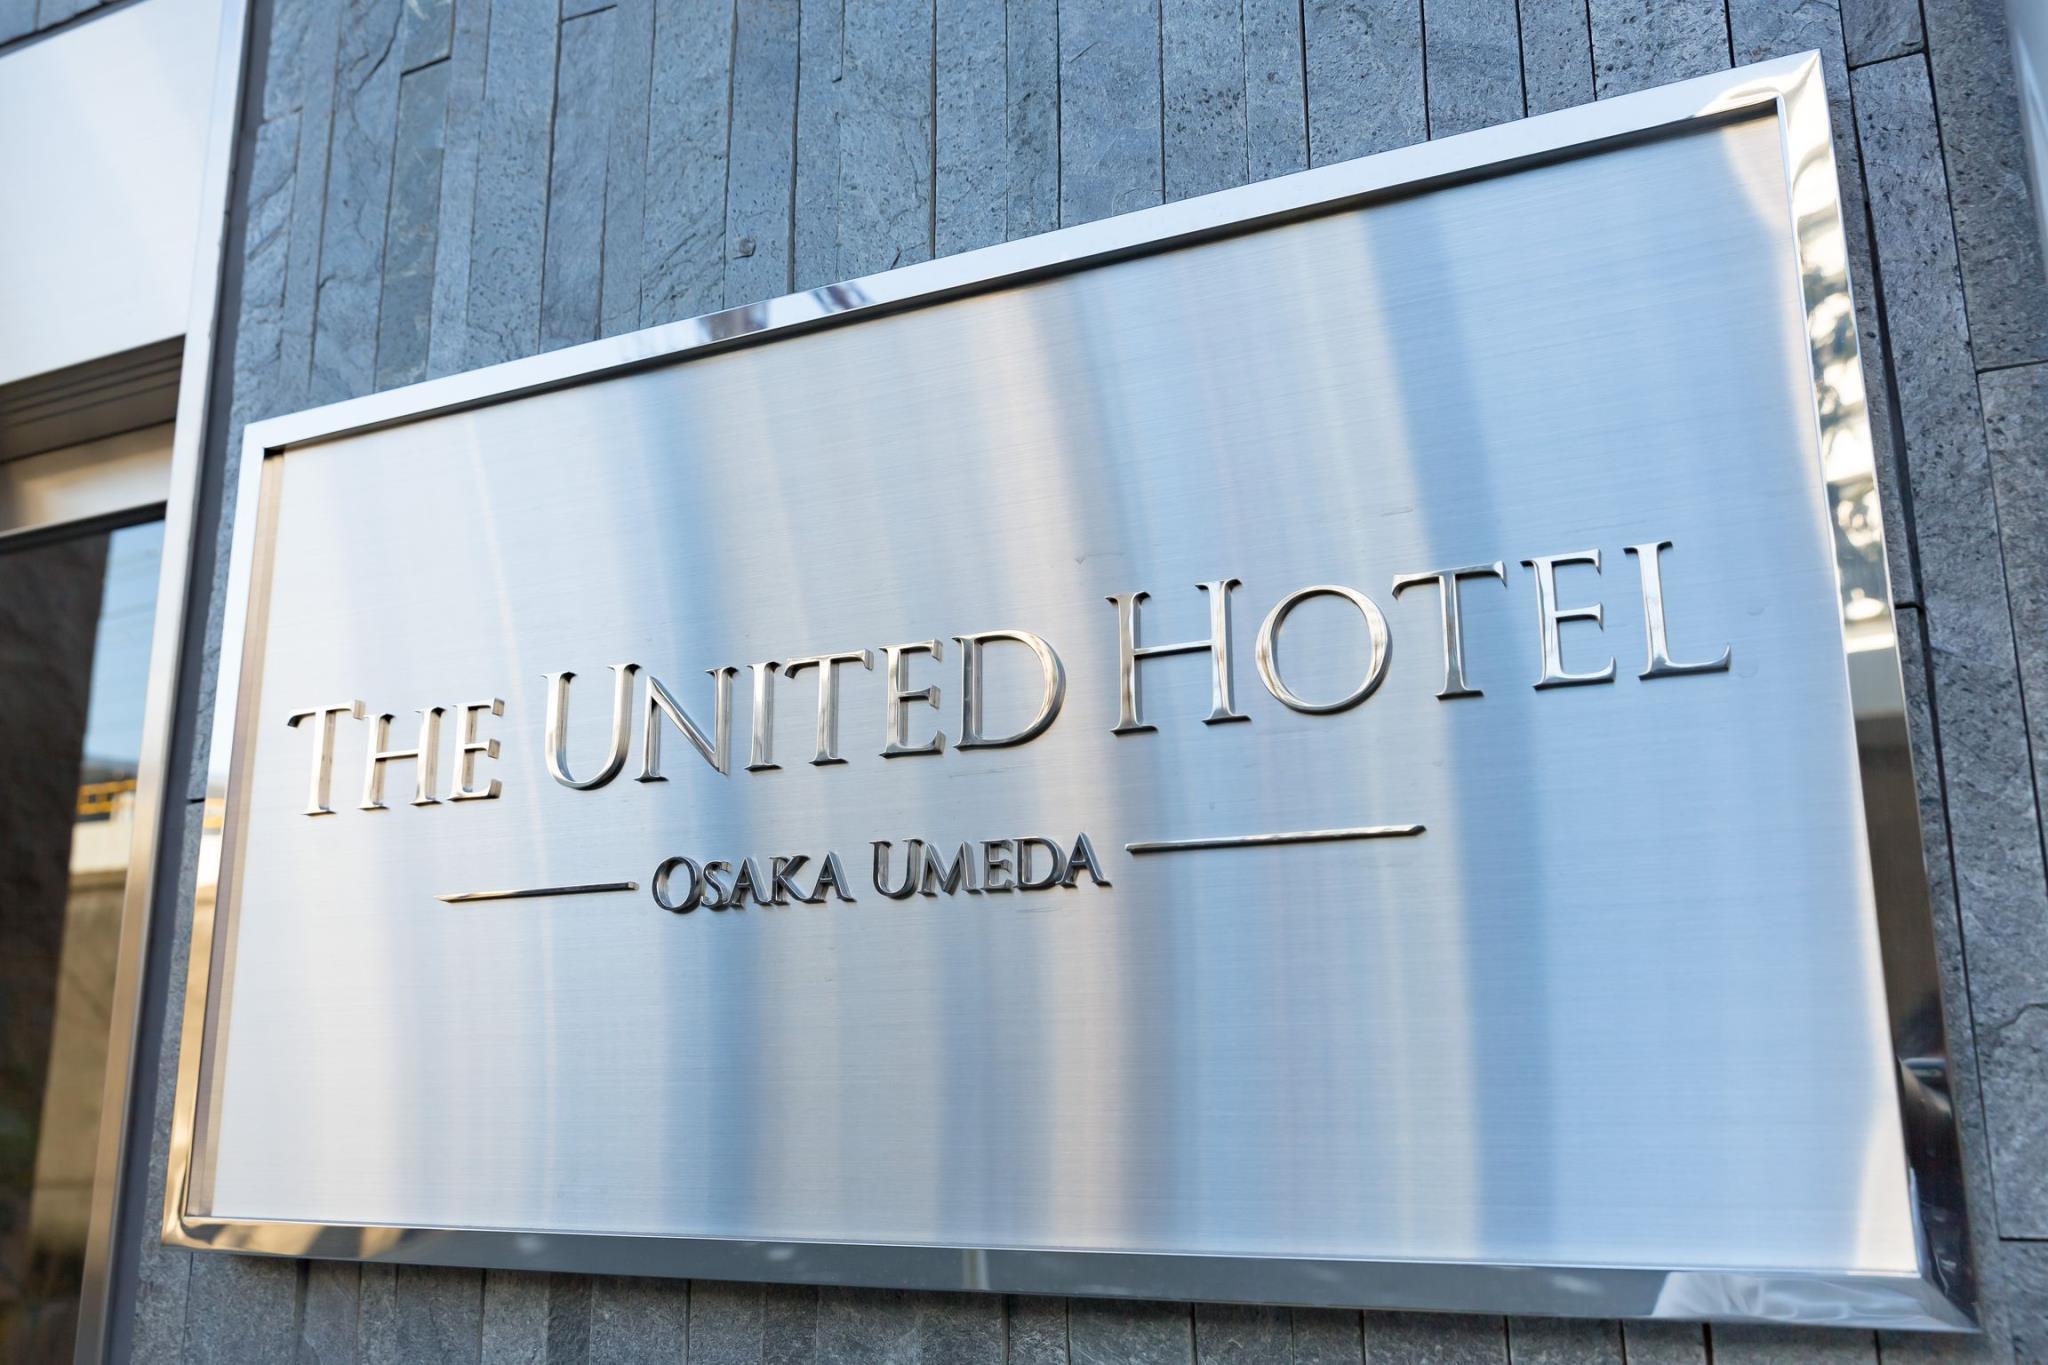 The United Hotel Osaka Umeda